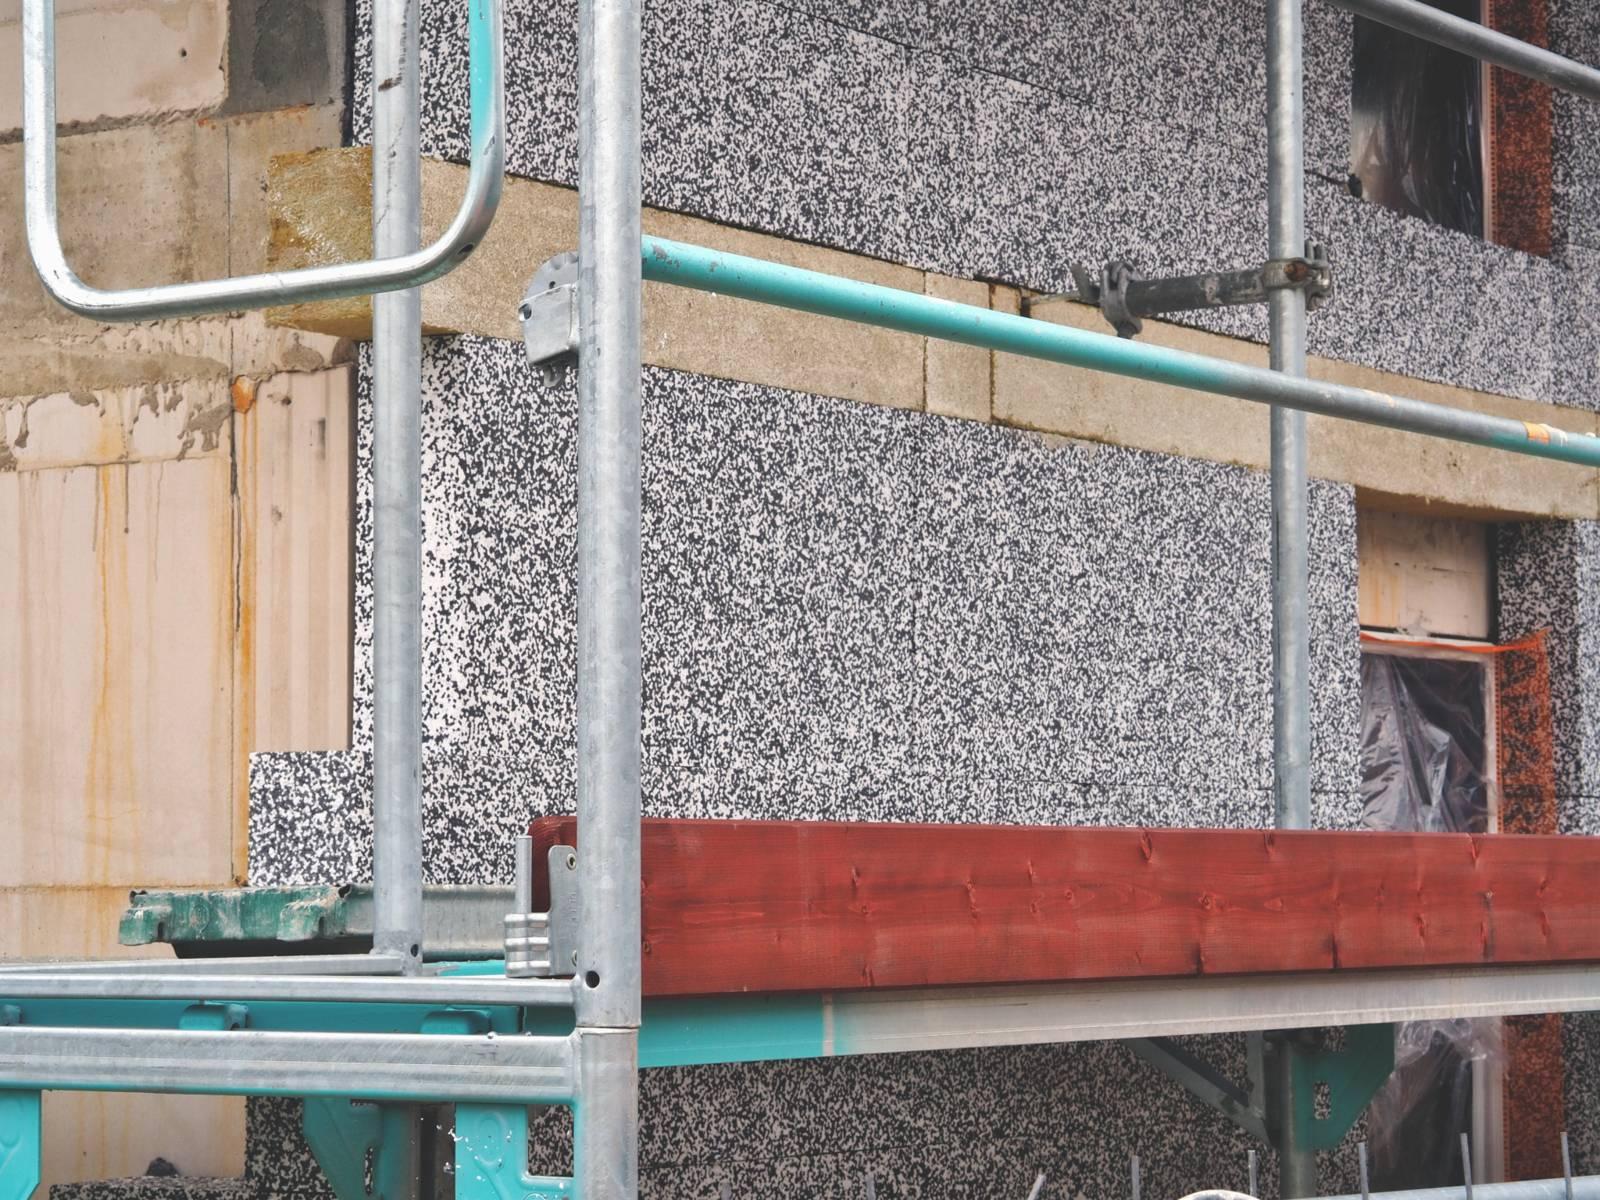 Ein Gerüst steht an einem Rohbau, an die Fassade wird Wärmedämmung angebracht.